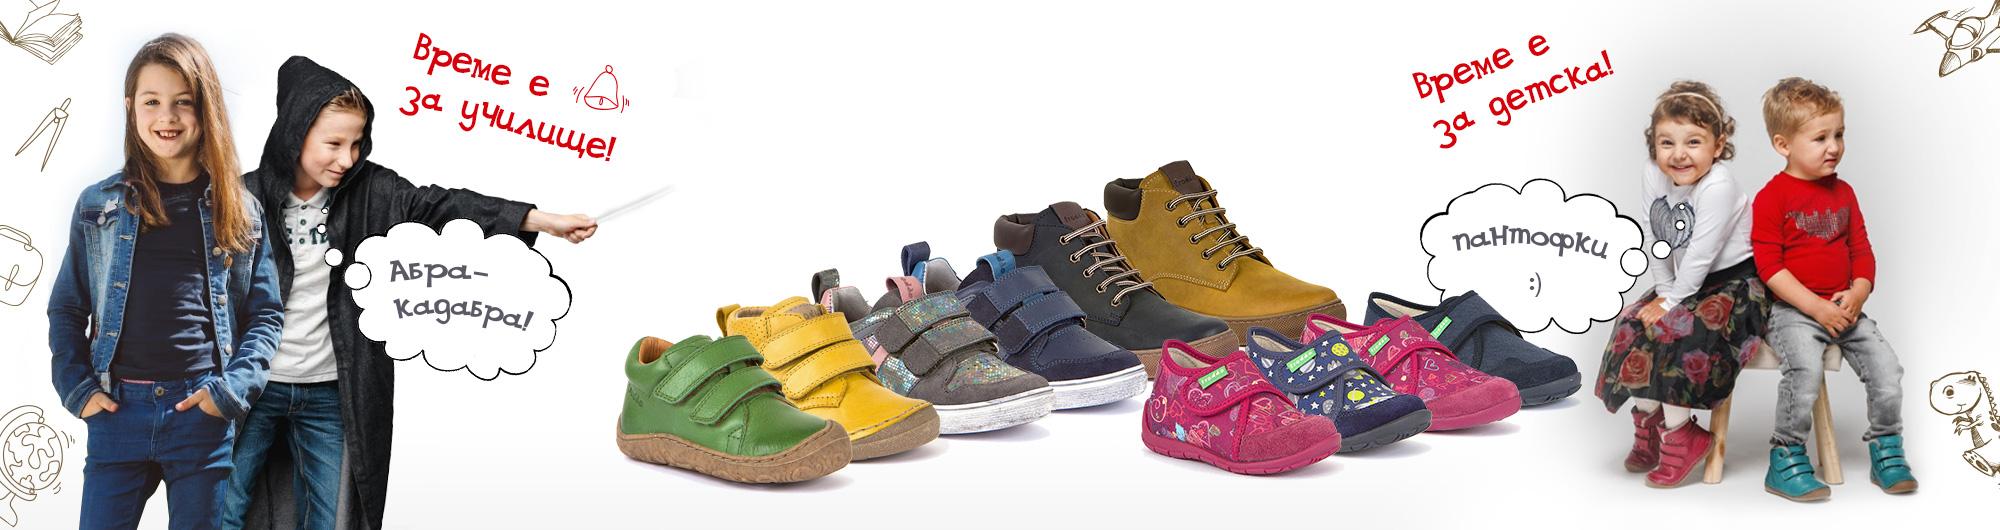 Детски пантофи, кецове, детски обувки Froddo от Пиедо